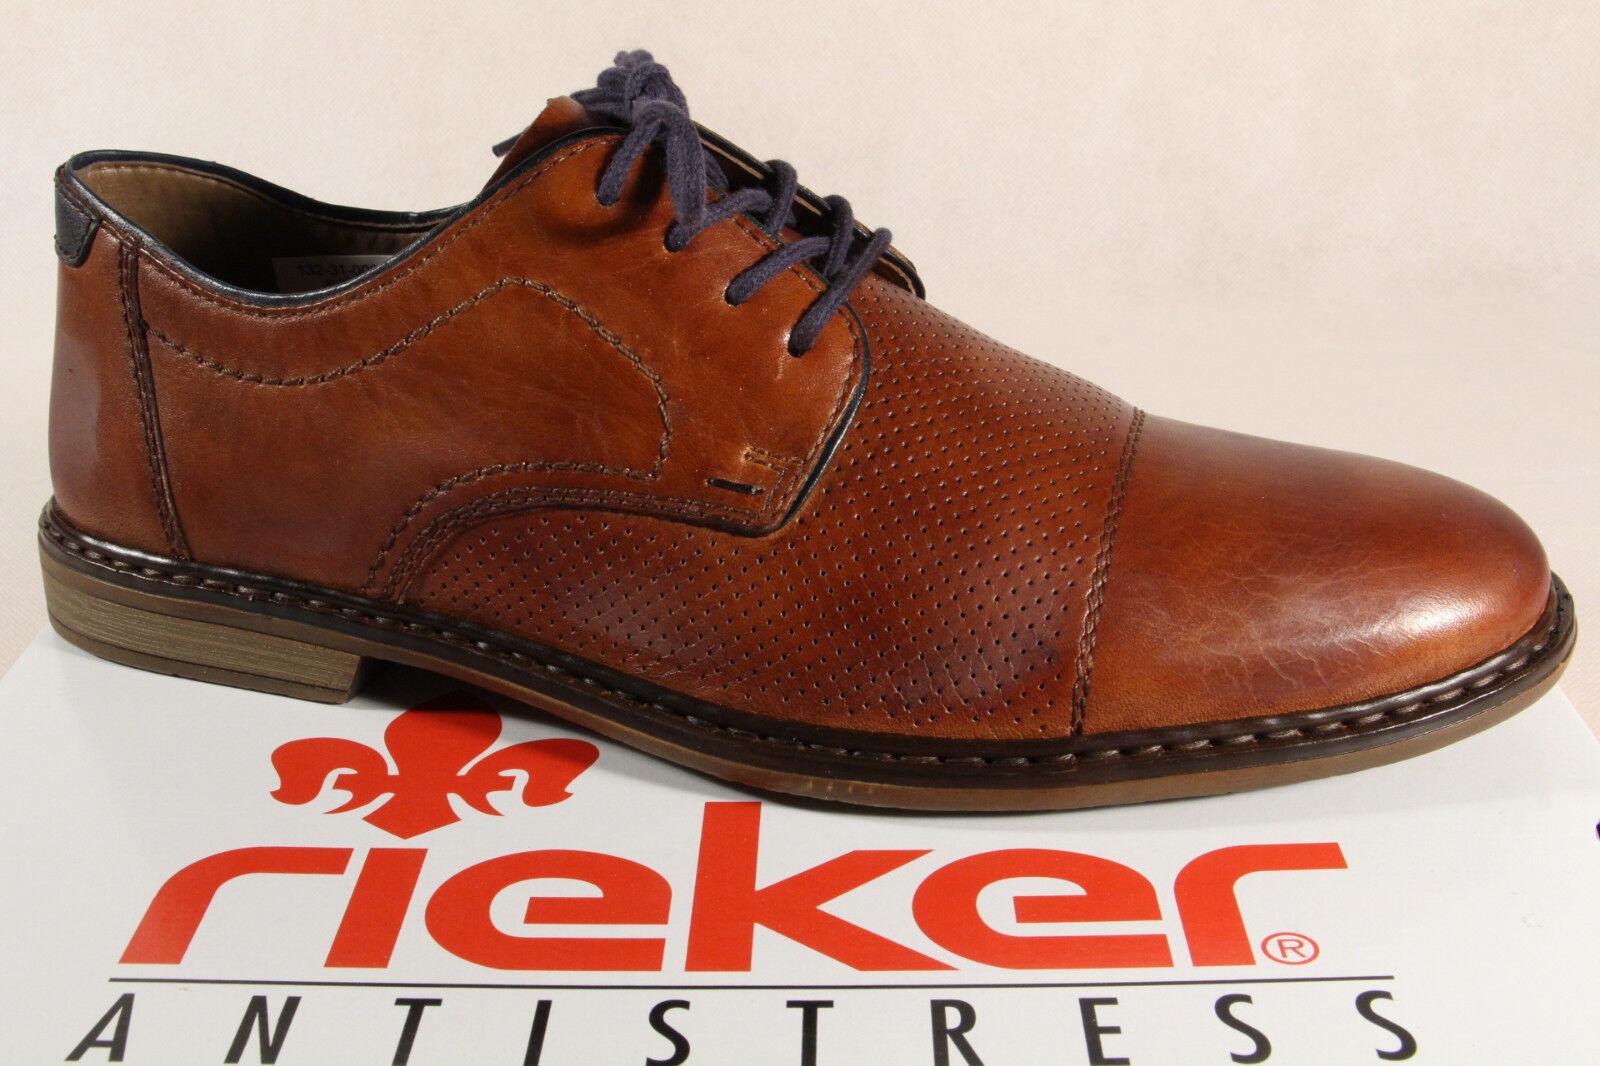 Rieker Homme à Lacets, Chaussures Basses paniers Cuir Marron 13428 Neuf